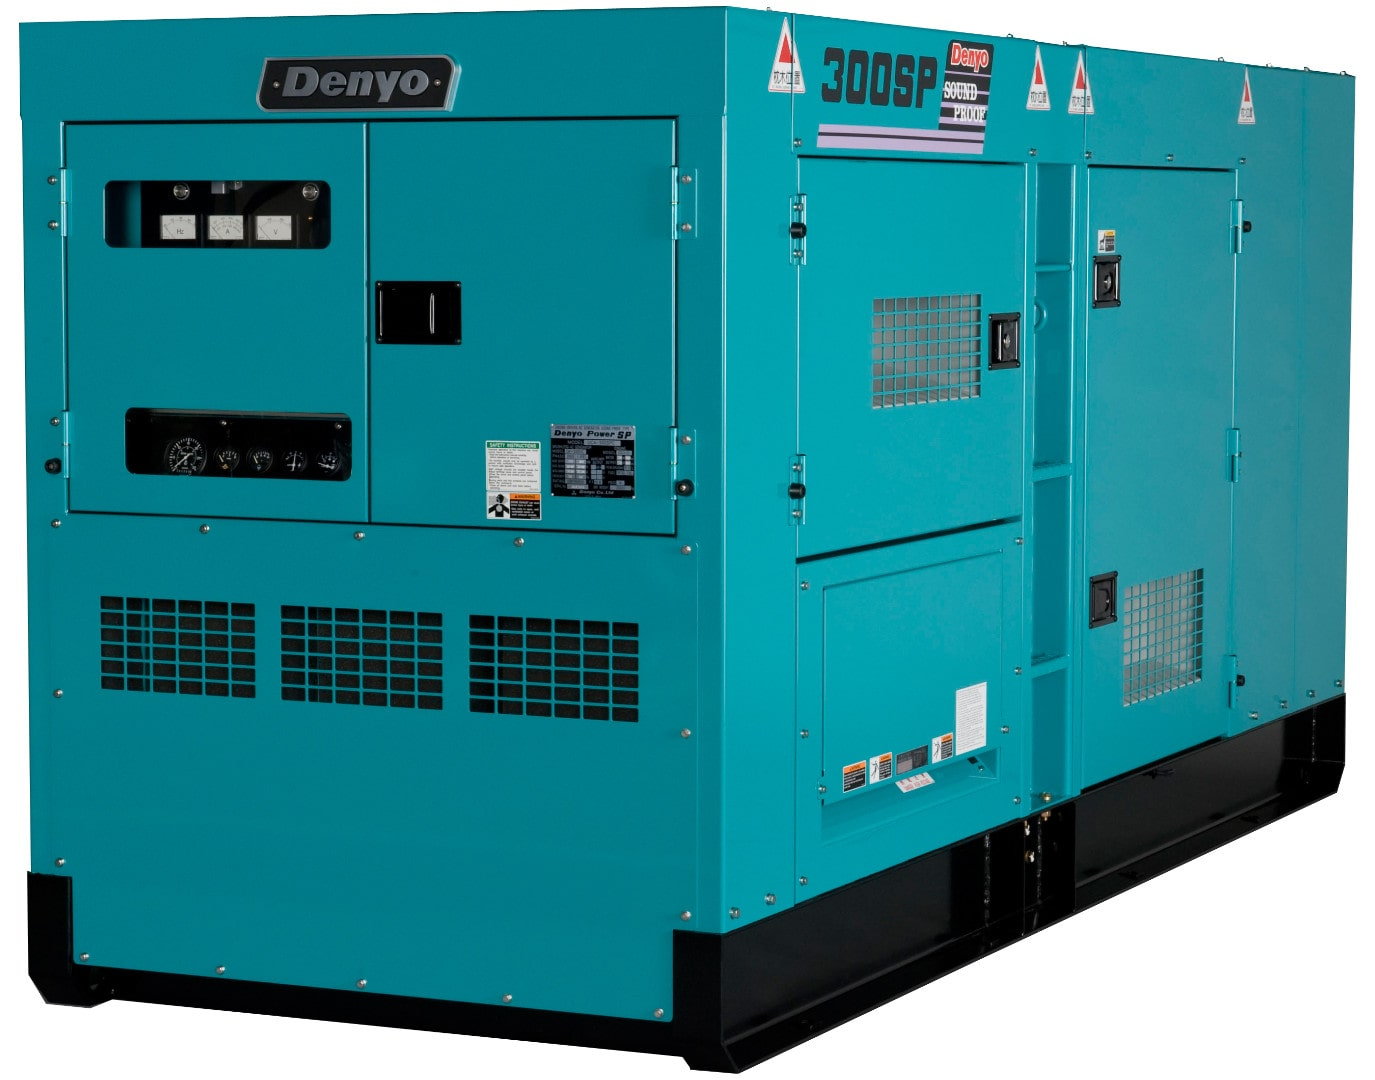 дизельная электростанция denyo dca-300spk3